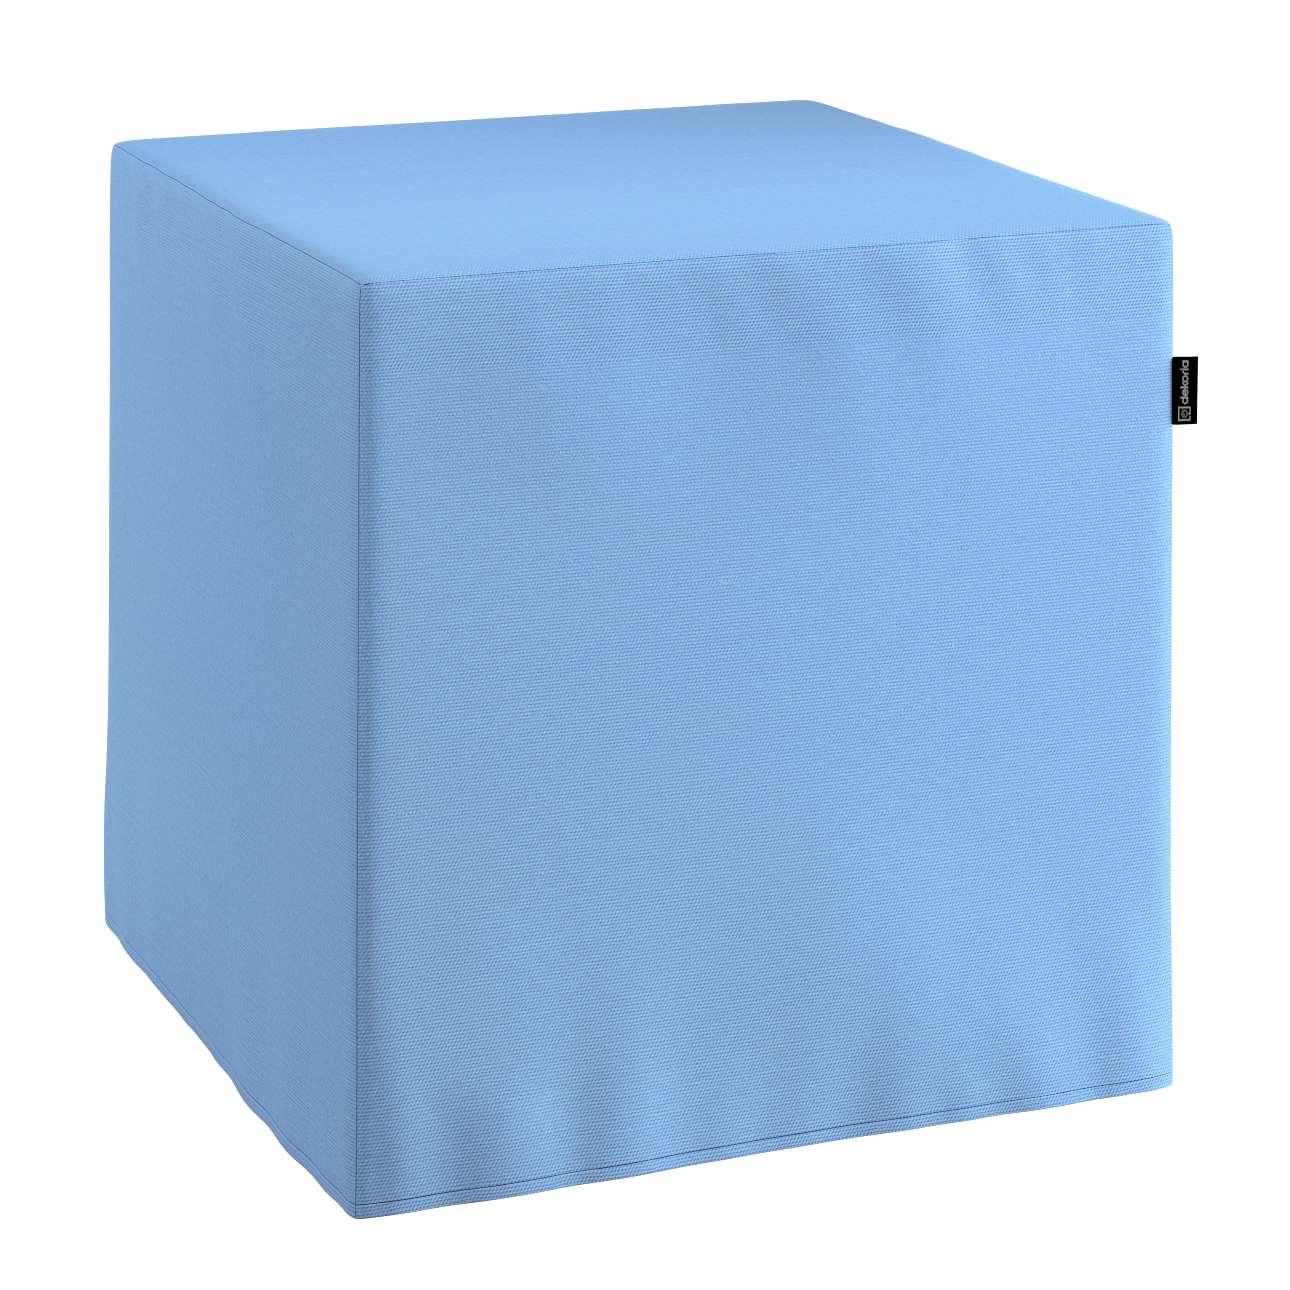 Pufa kostka twarda 40x40x40 cm w kolekcji Loneta, tkanina: 133-21